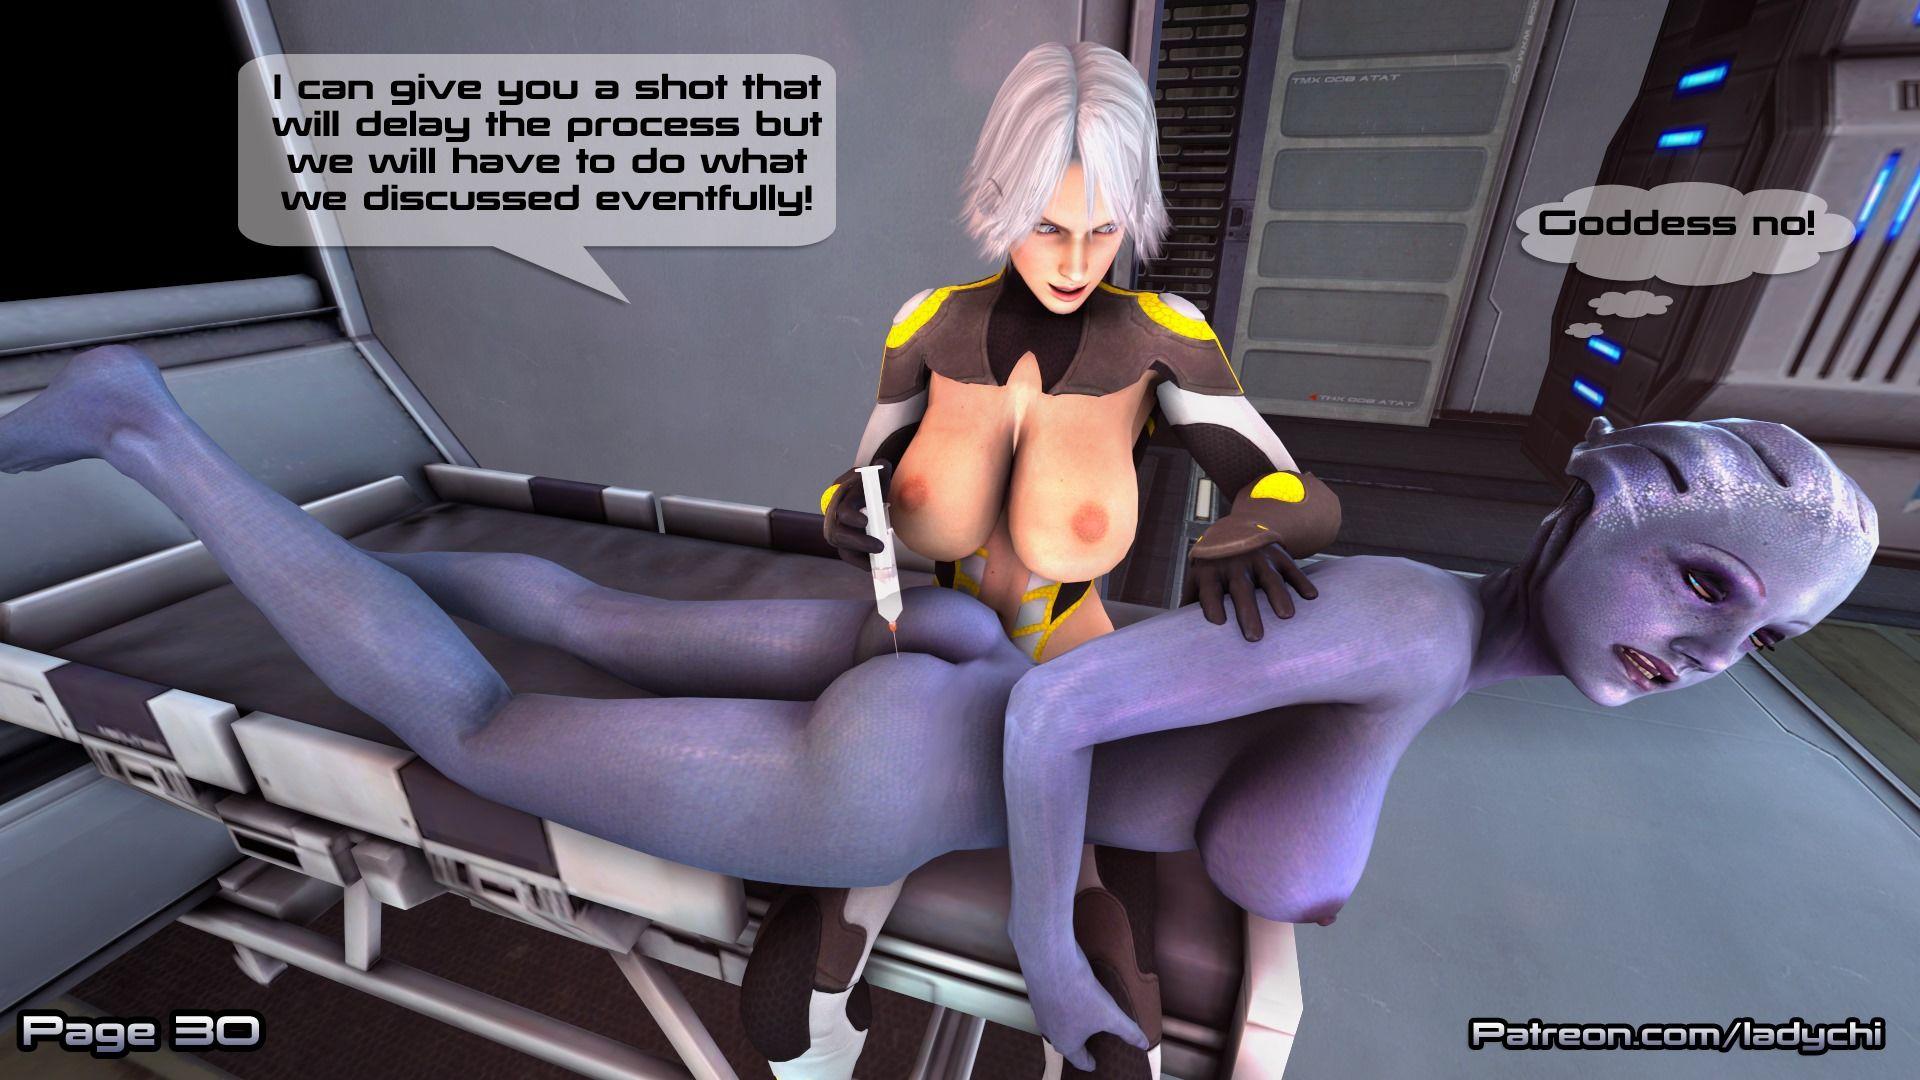 Liara_X-Mass_Gifts!_Ladychi_(Mass_Effect) comix_58061.jpg